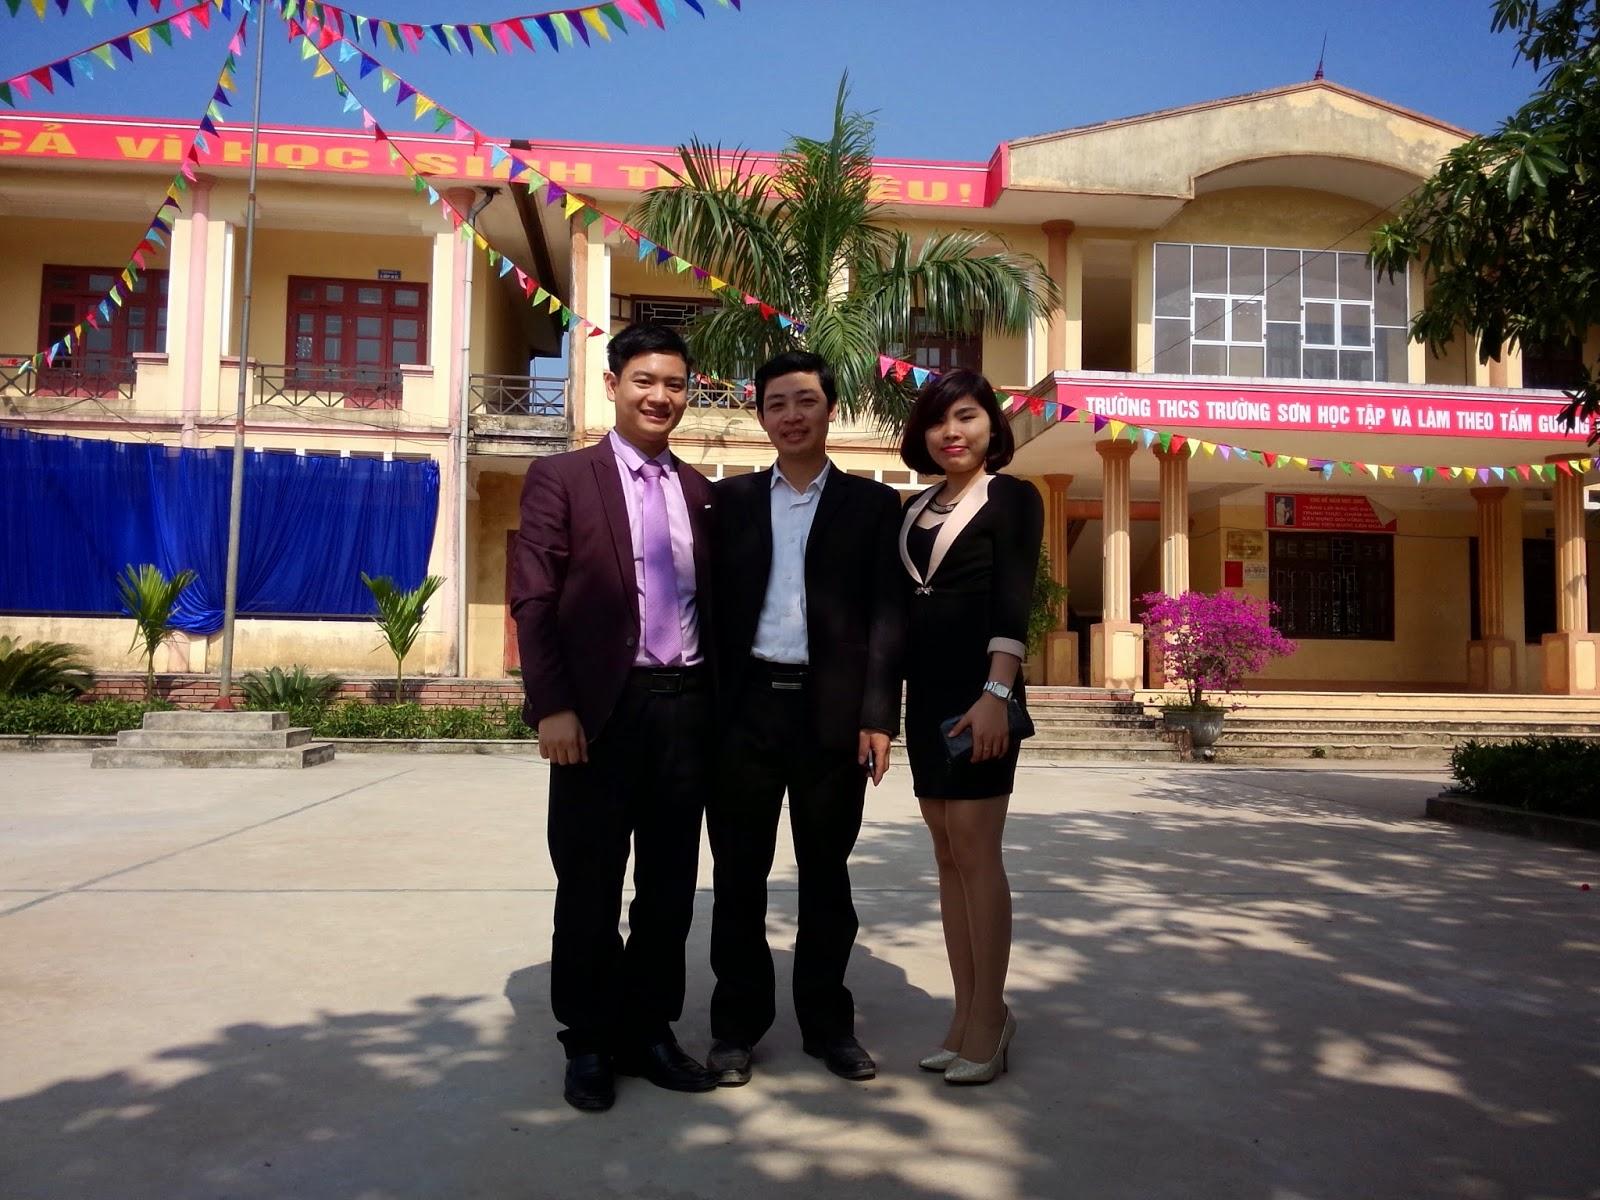 Ảnh lưu niệm cùng thầy cô tại trường THPT Tứ Sơn